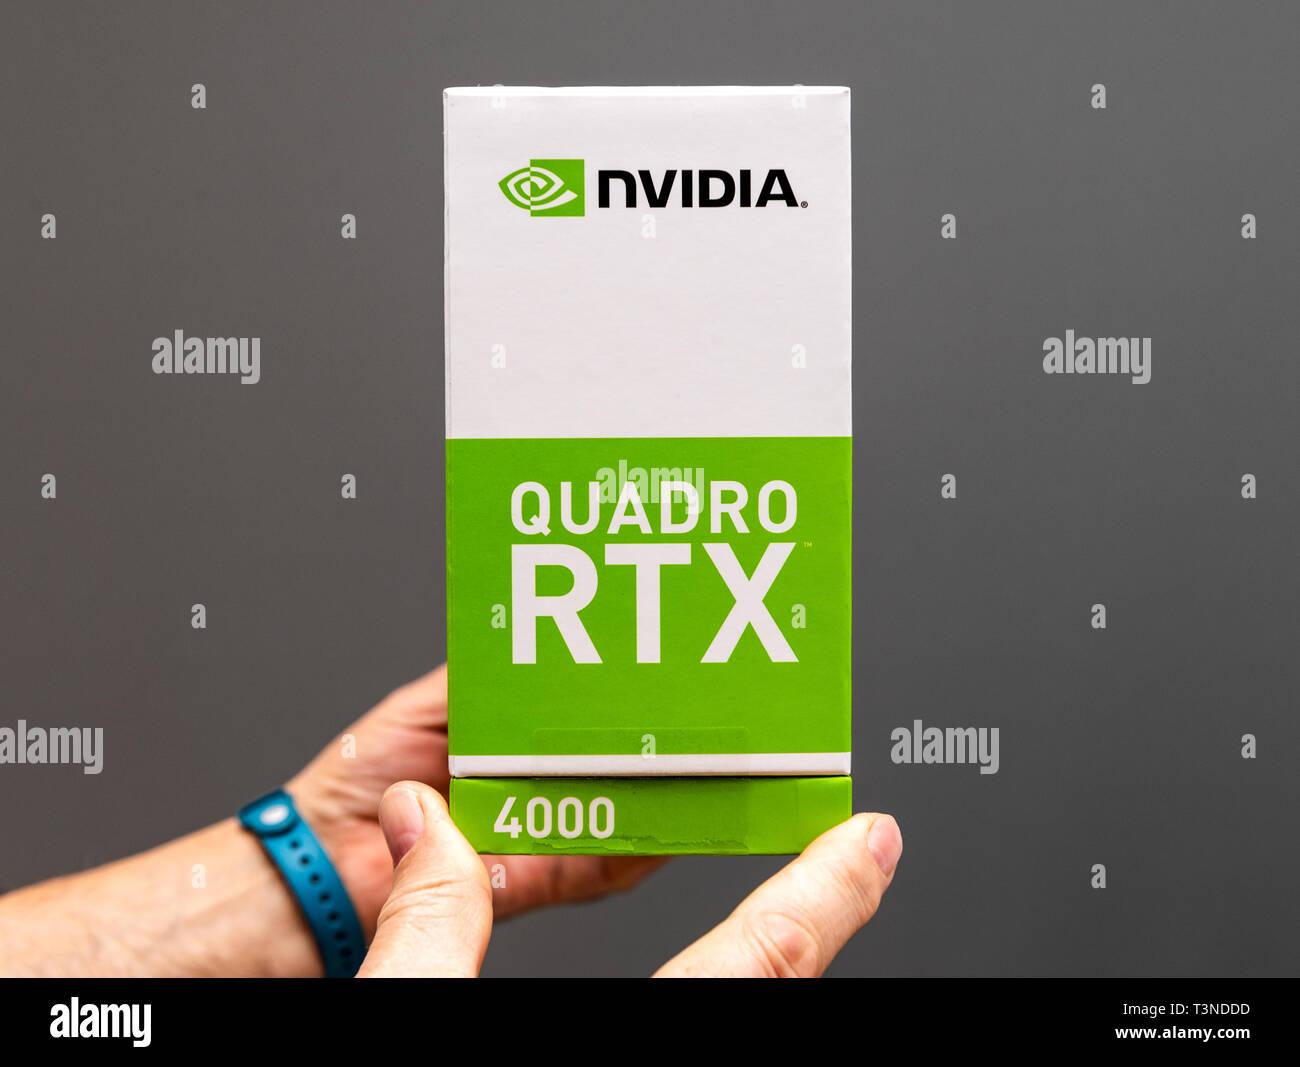 París, Francia - 28 de marzo de 2019: Senior hombre mostrando las cajas de cartón antes de unboxing de estación de trabajo NVIDIA Quadro RTX 4000 GPU mejores características para CGi y arquitectos Foto de stock